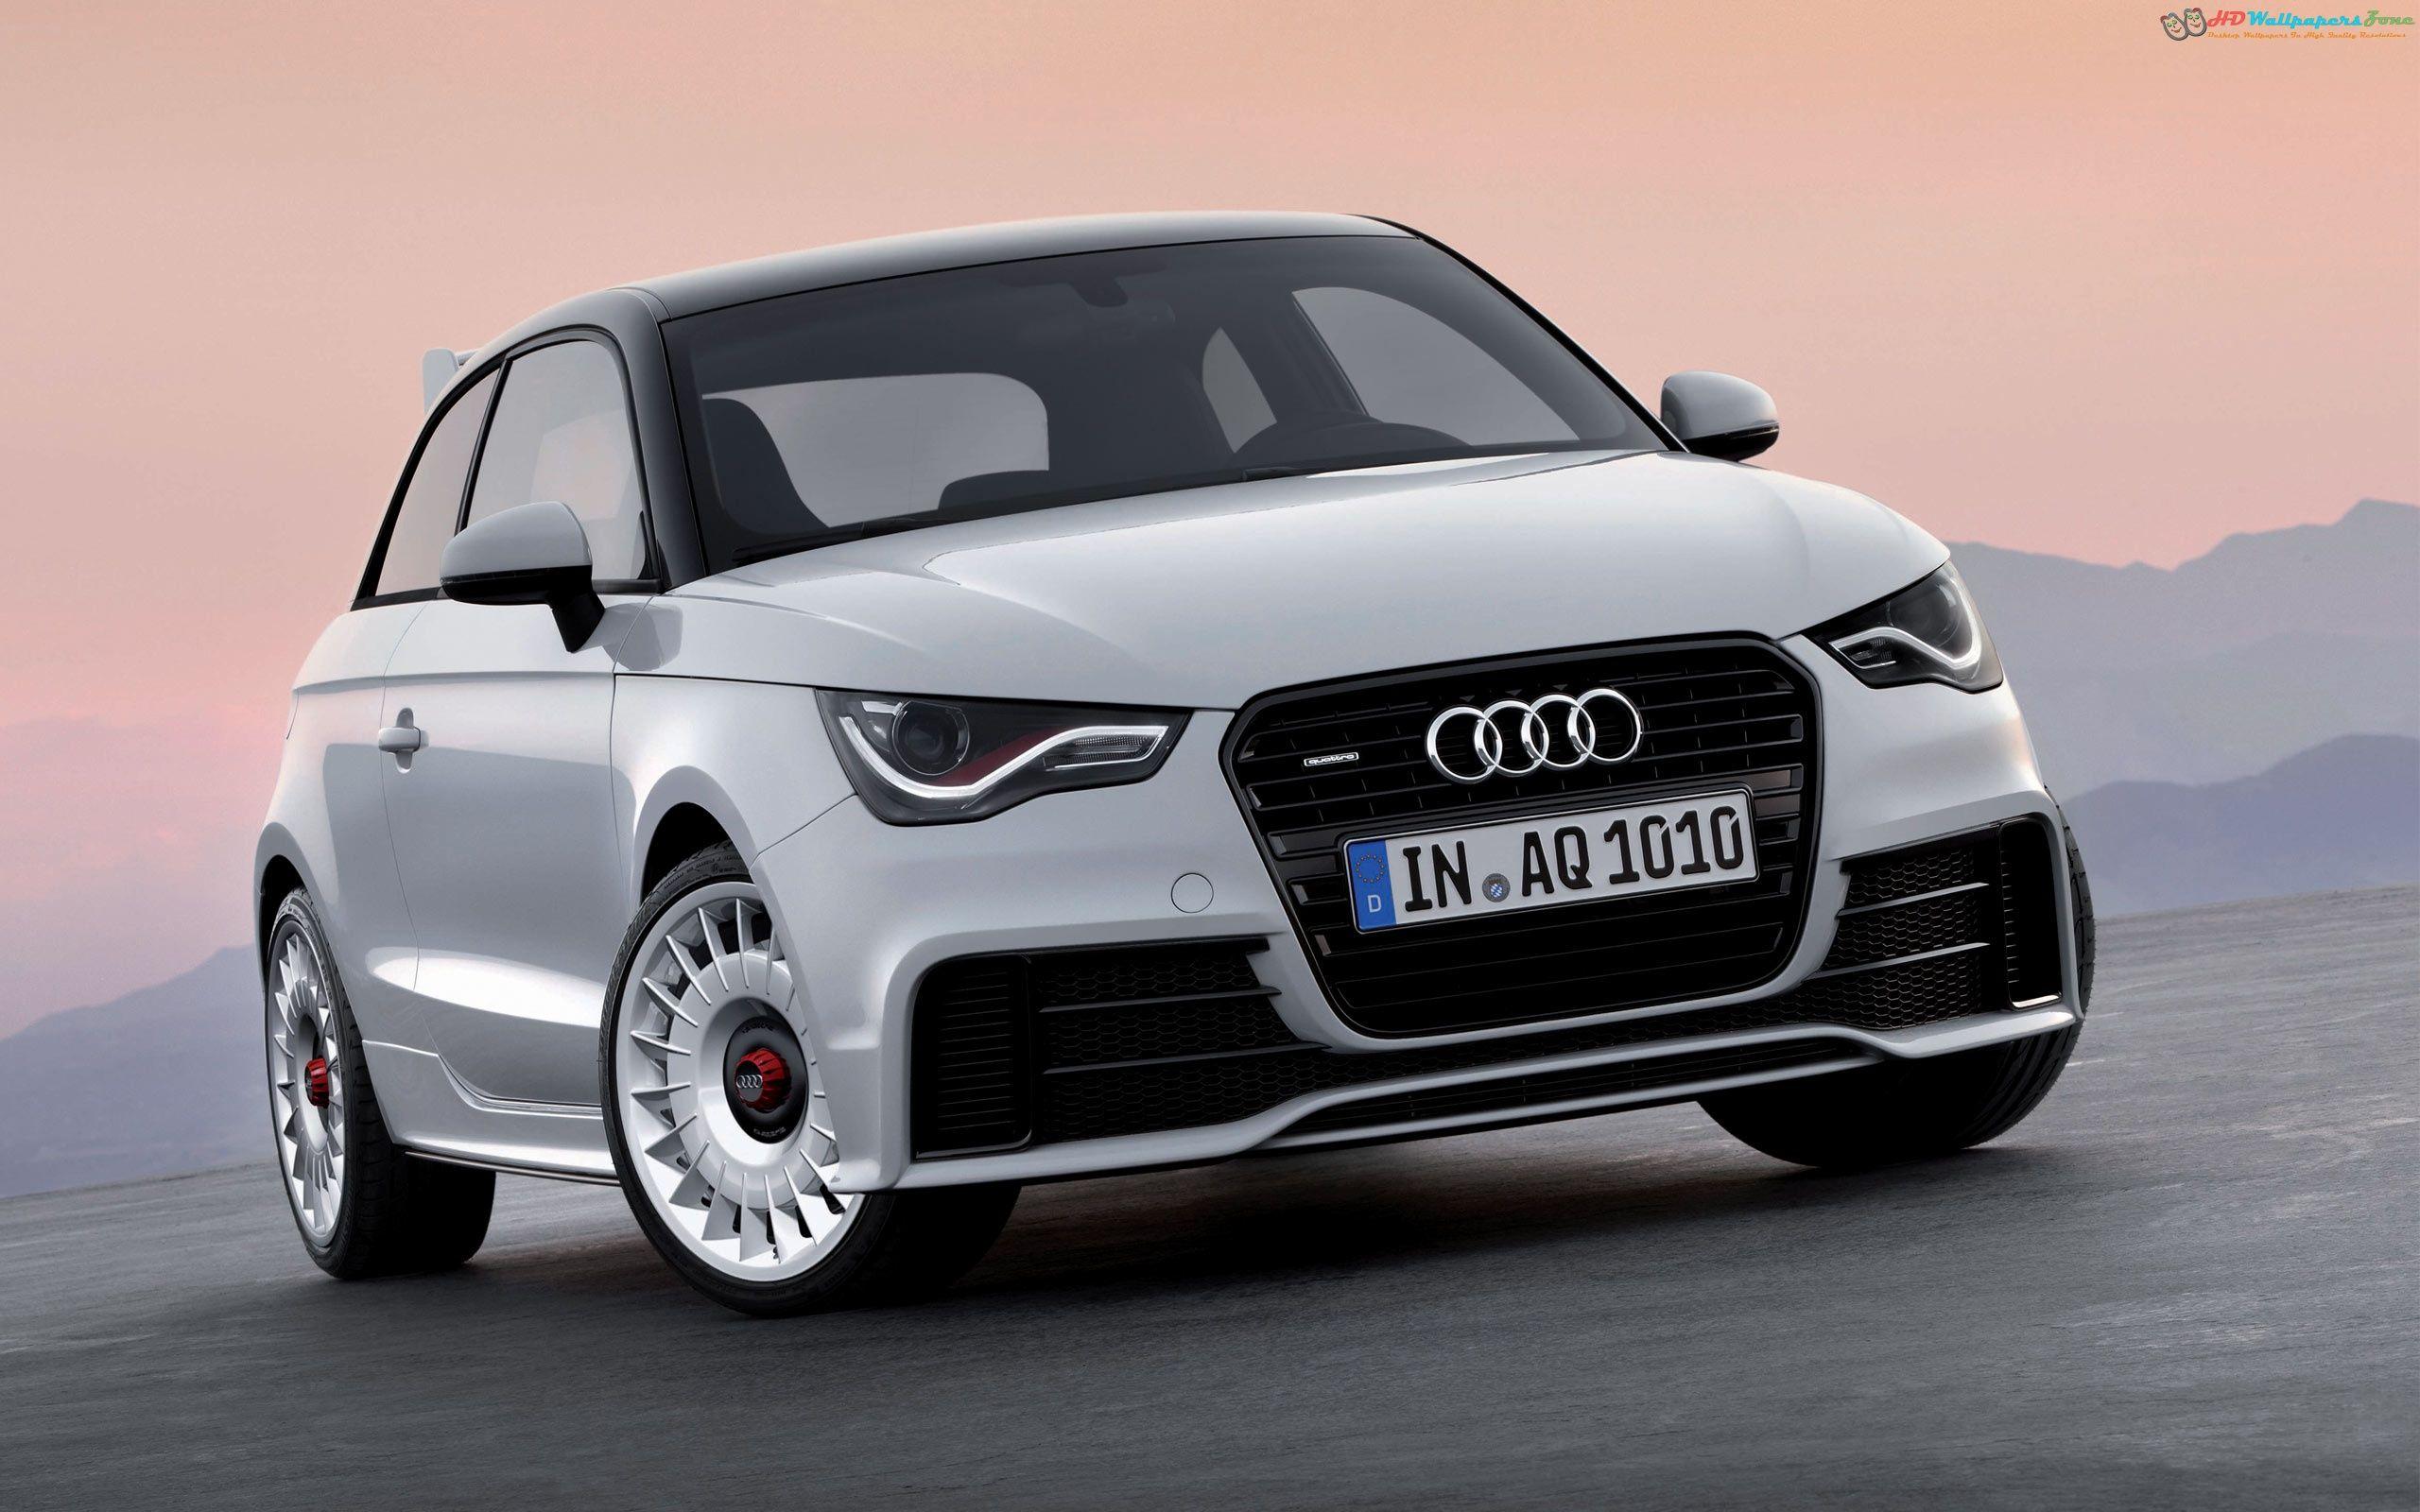 Audi A1 Quattro Hd Desktop Car Wallpaper In Hd And Widescreen